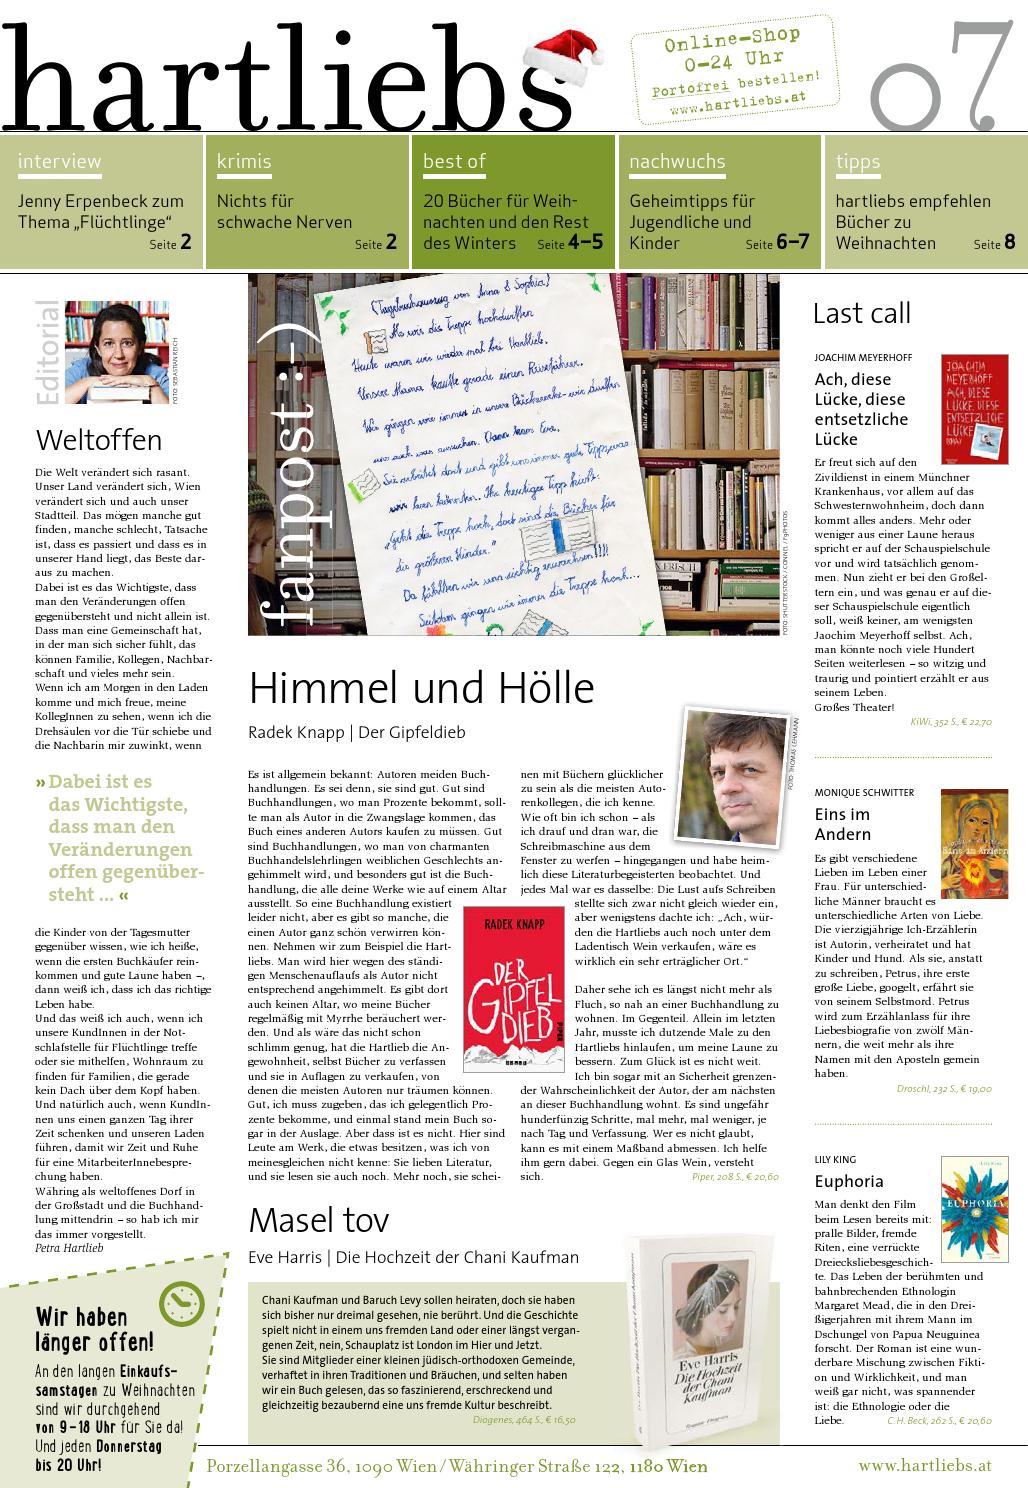 Hartliebs Weihnachten 2015 by Atelier Tiefner GmbH - issuu